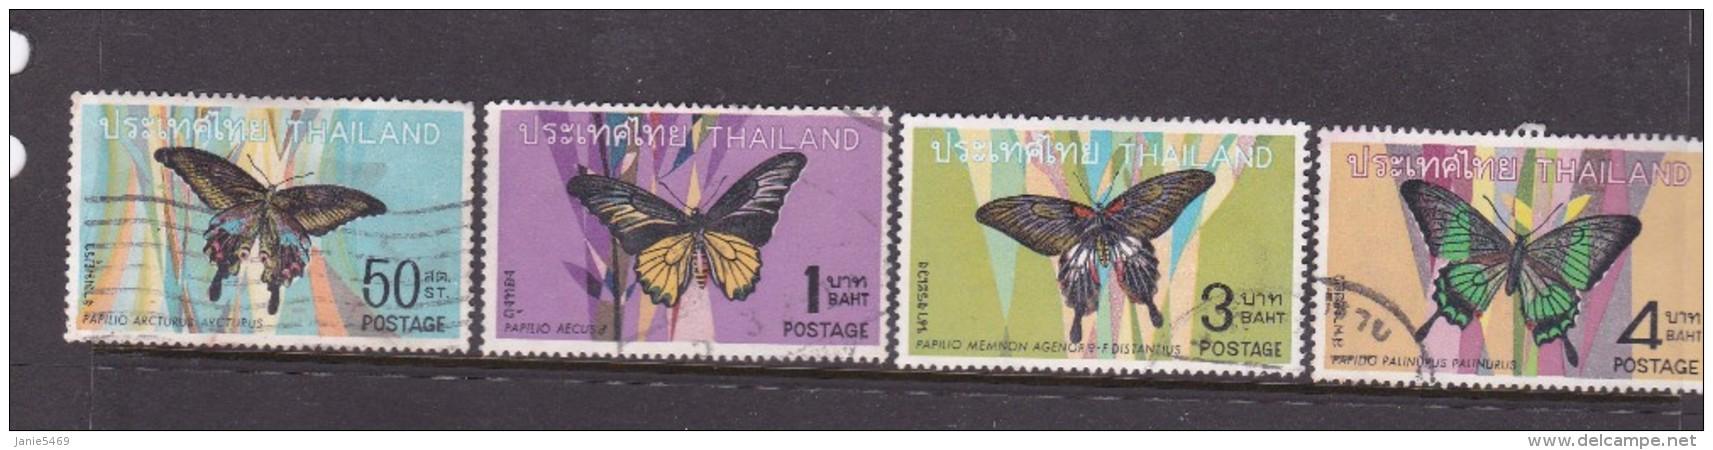 Thailand SG 602-605 1968 Thai Butterrflies Used Set - Thaïlande